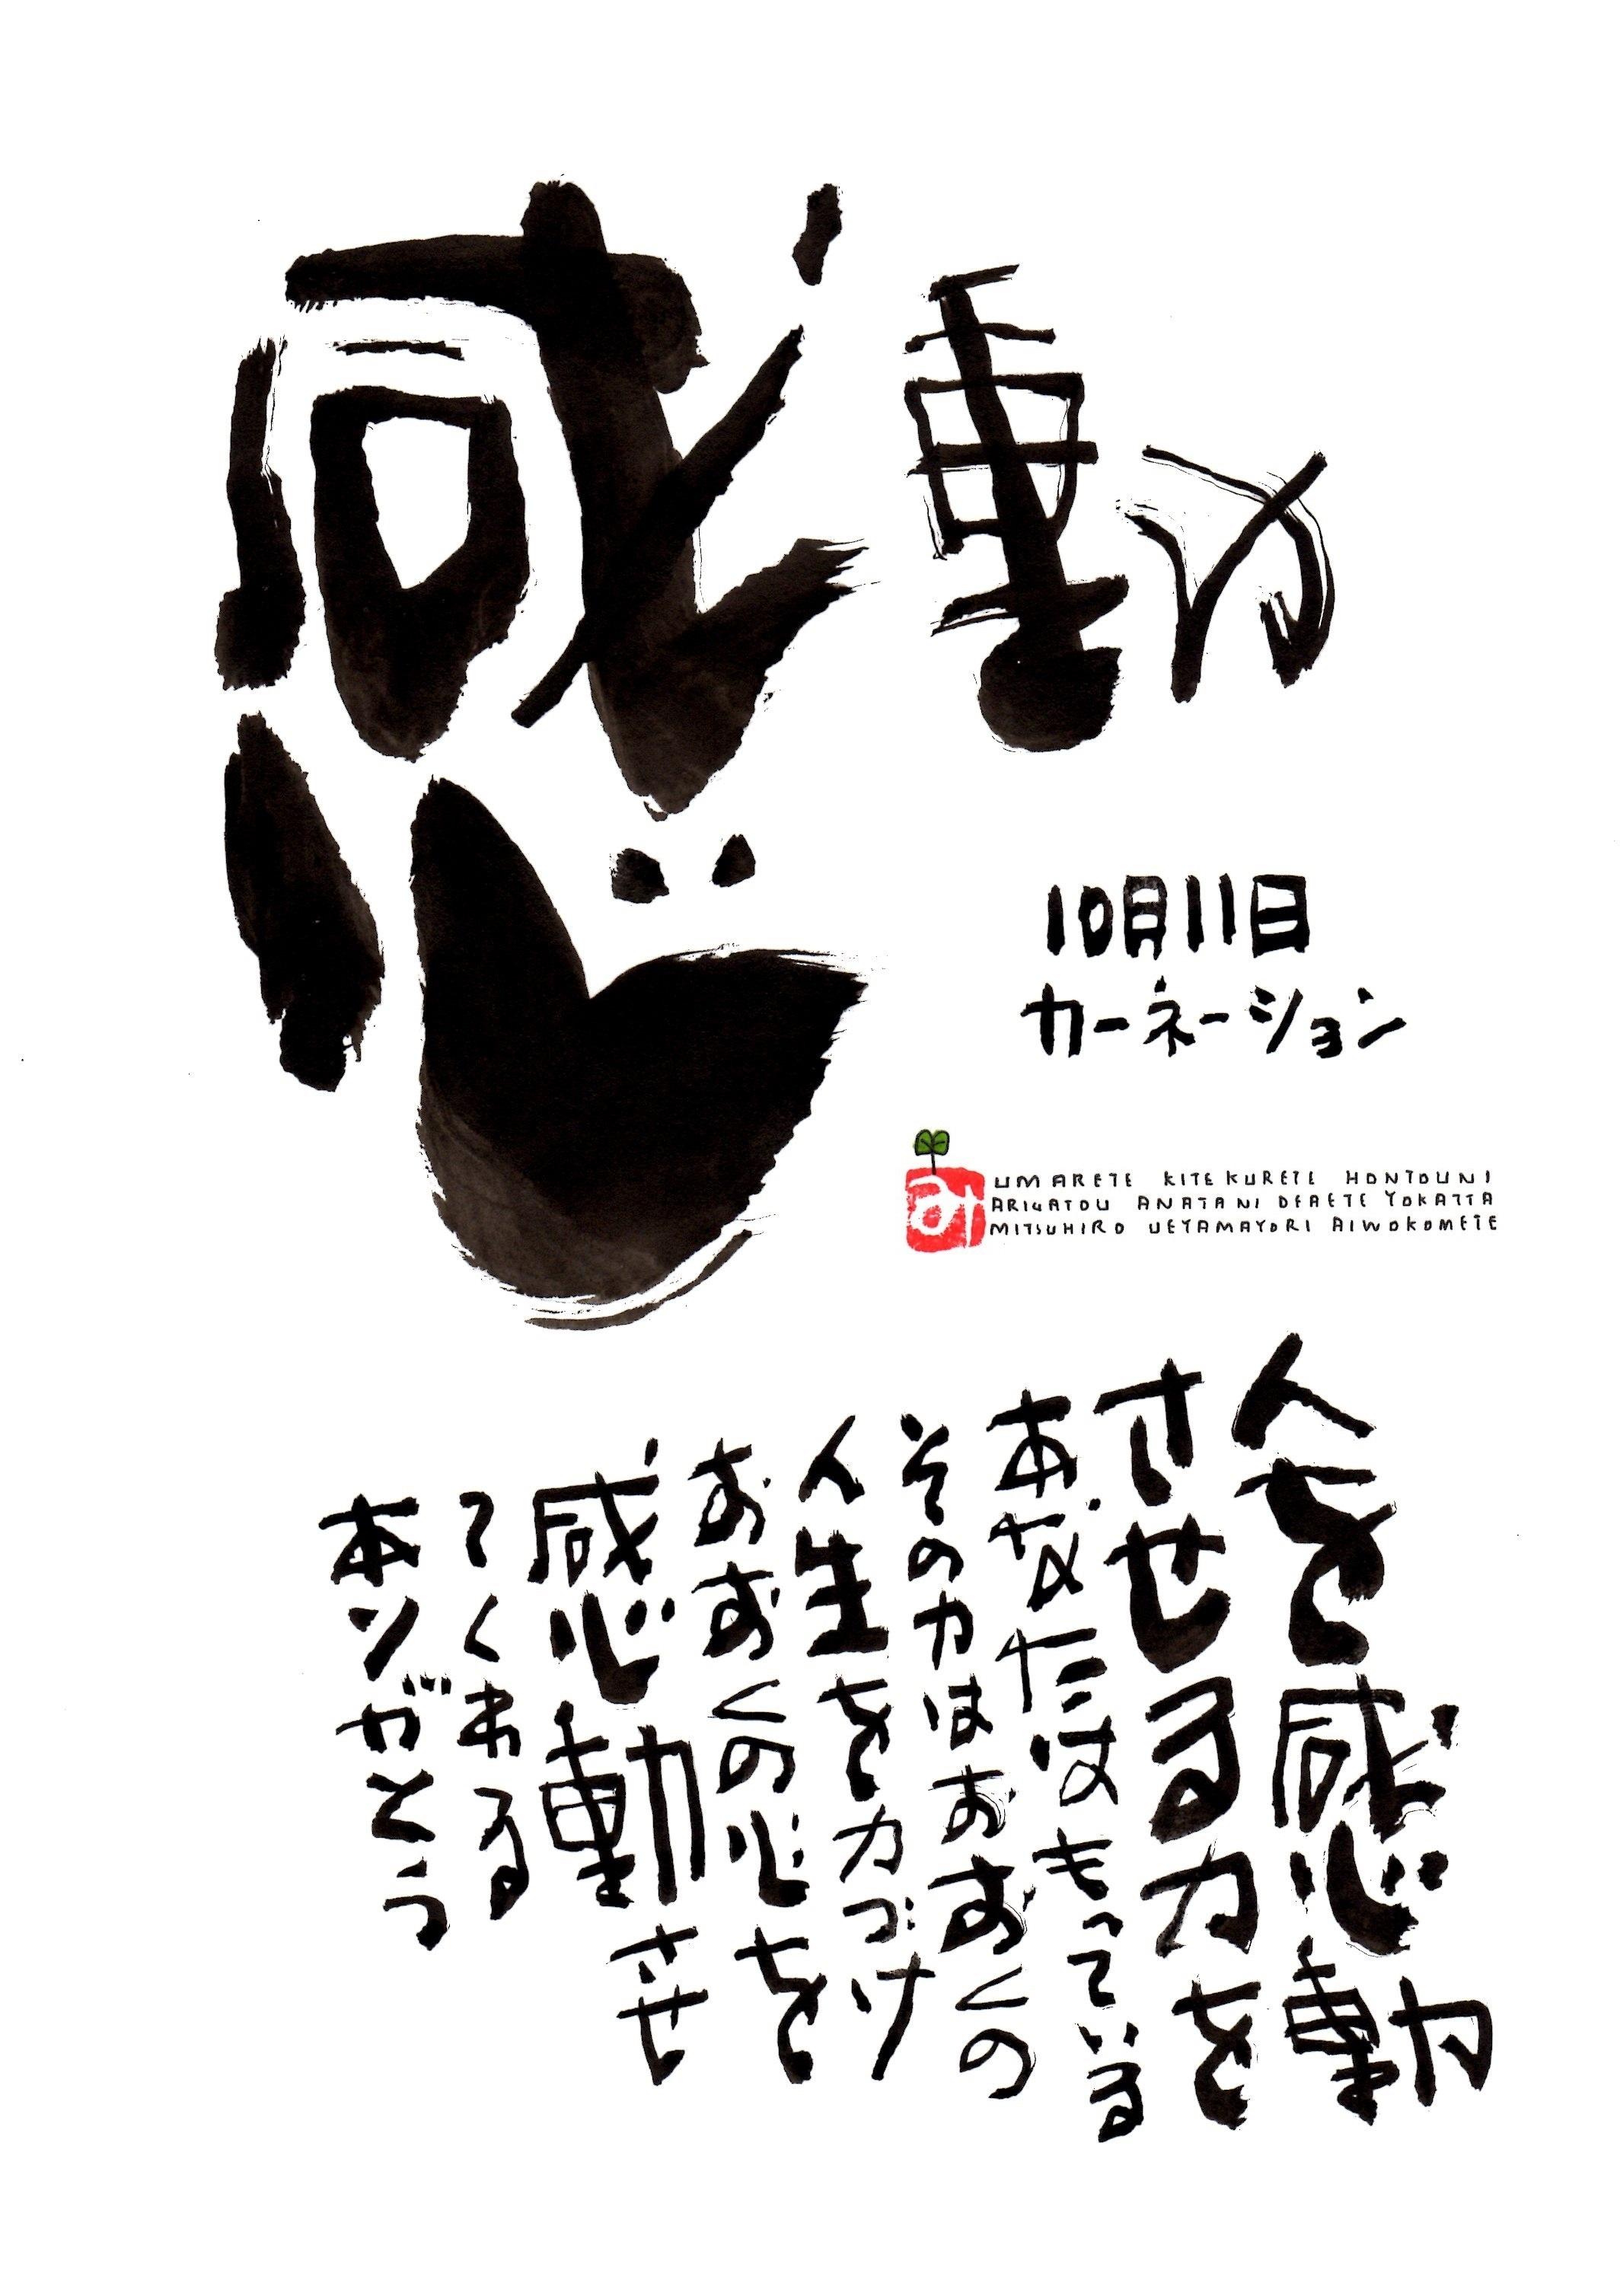 10月11日 誕生日ポストカード【感動】Impressed